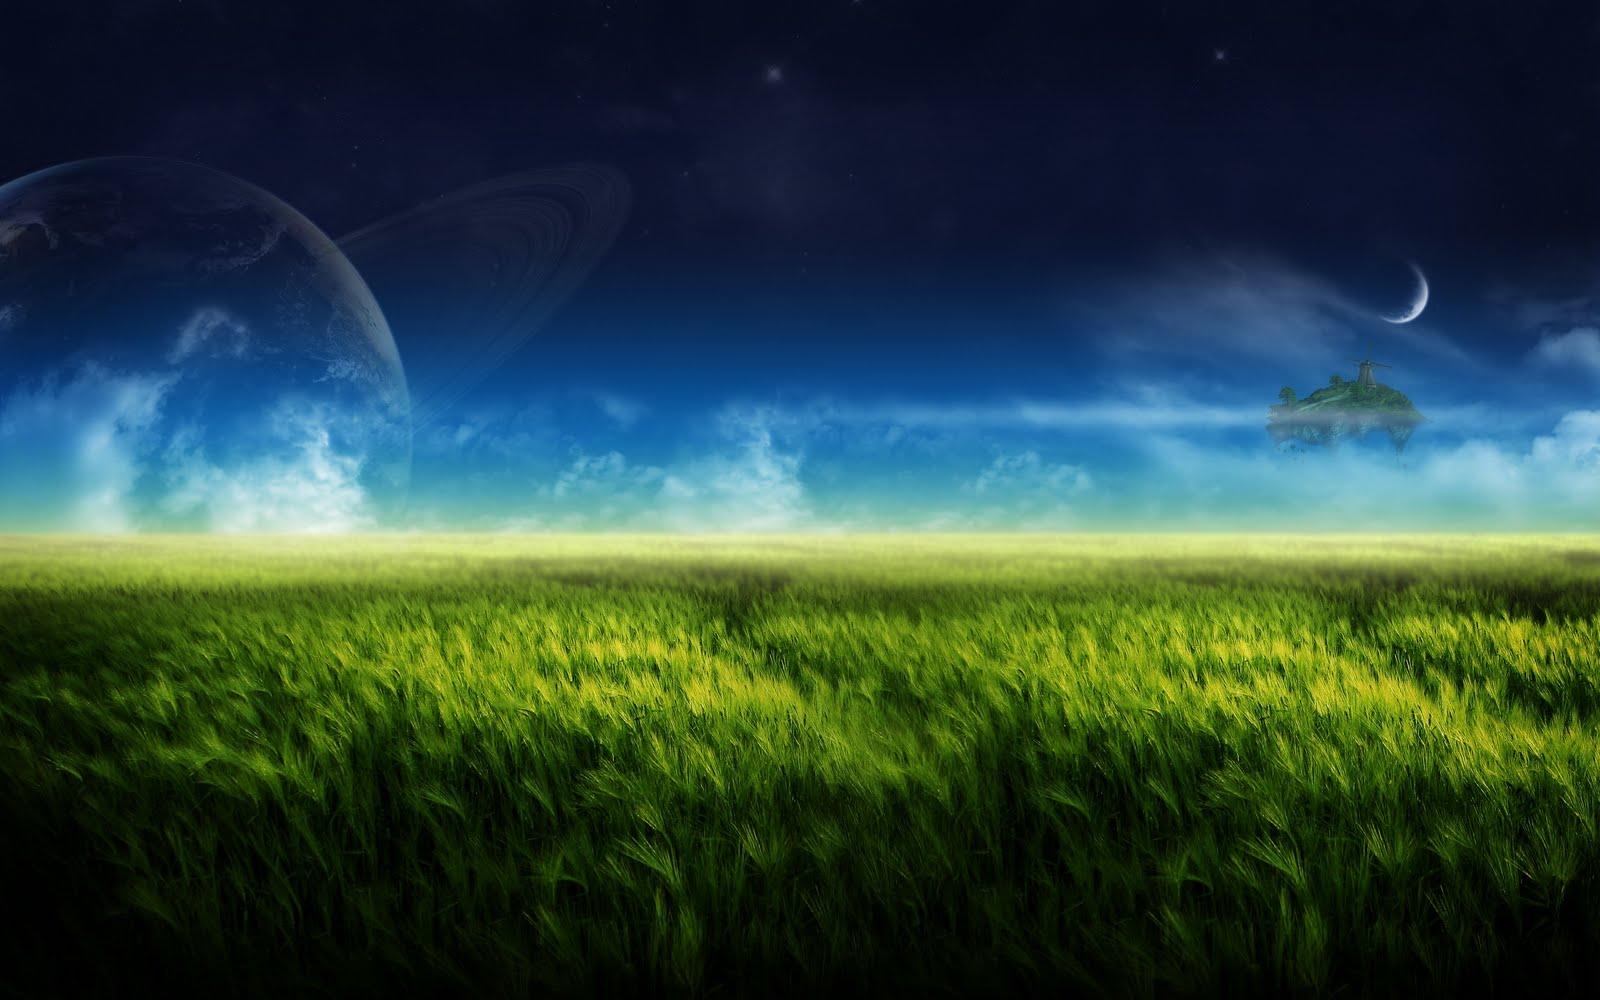 http://1.bp.blogspot.com/-Av8QcKowdH0/Td4t7zHVCvI/AAAAAAAAAMA/hZyvFeBwu0Y/s1600/Dream_landscape_moon_wallpapers.jpg